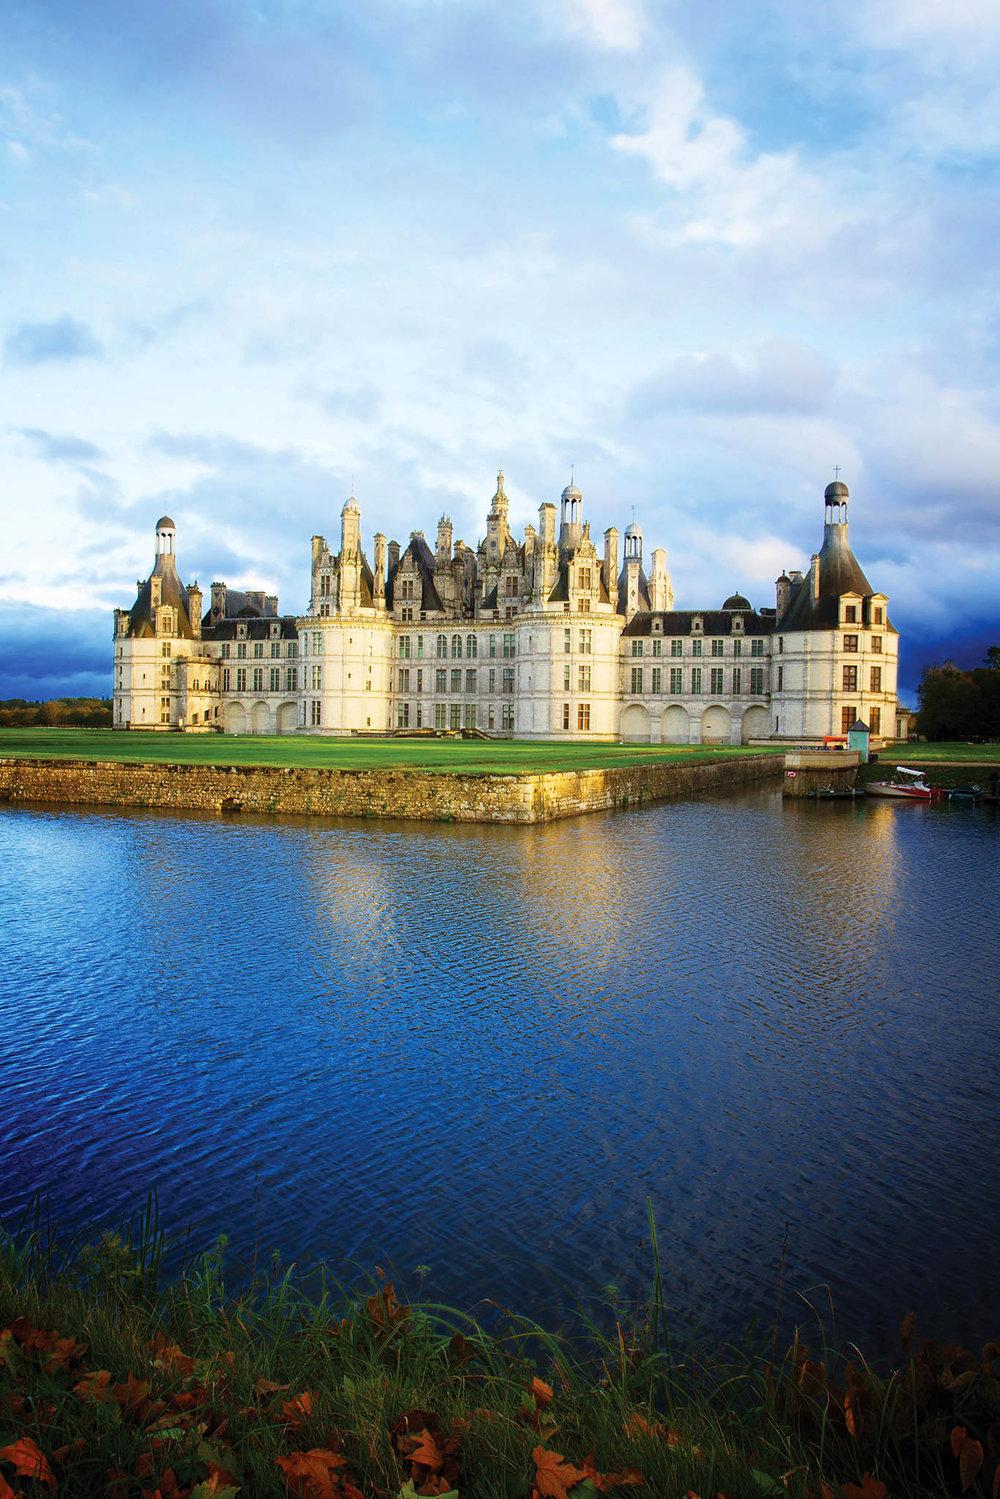 香波爾城堡是路易十四最喜歡的地方,他曾命人在這裏上演過莫里哀的戲劇。 Neirfy / shutterstock.com